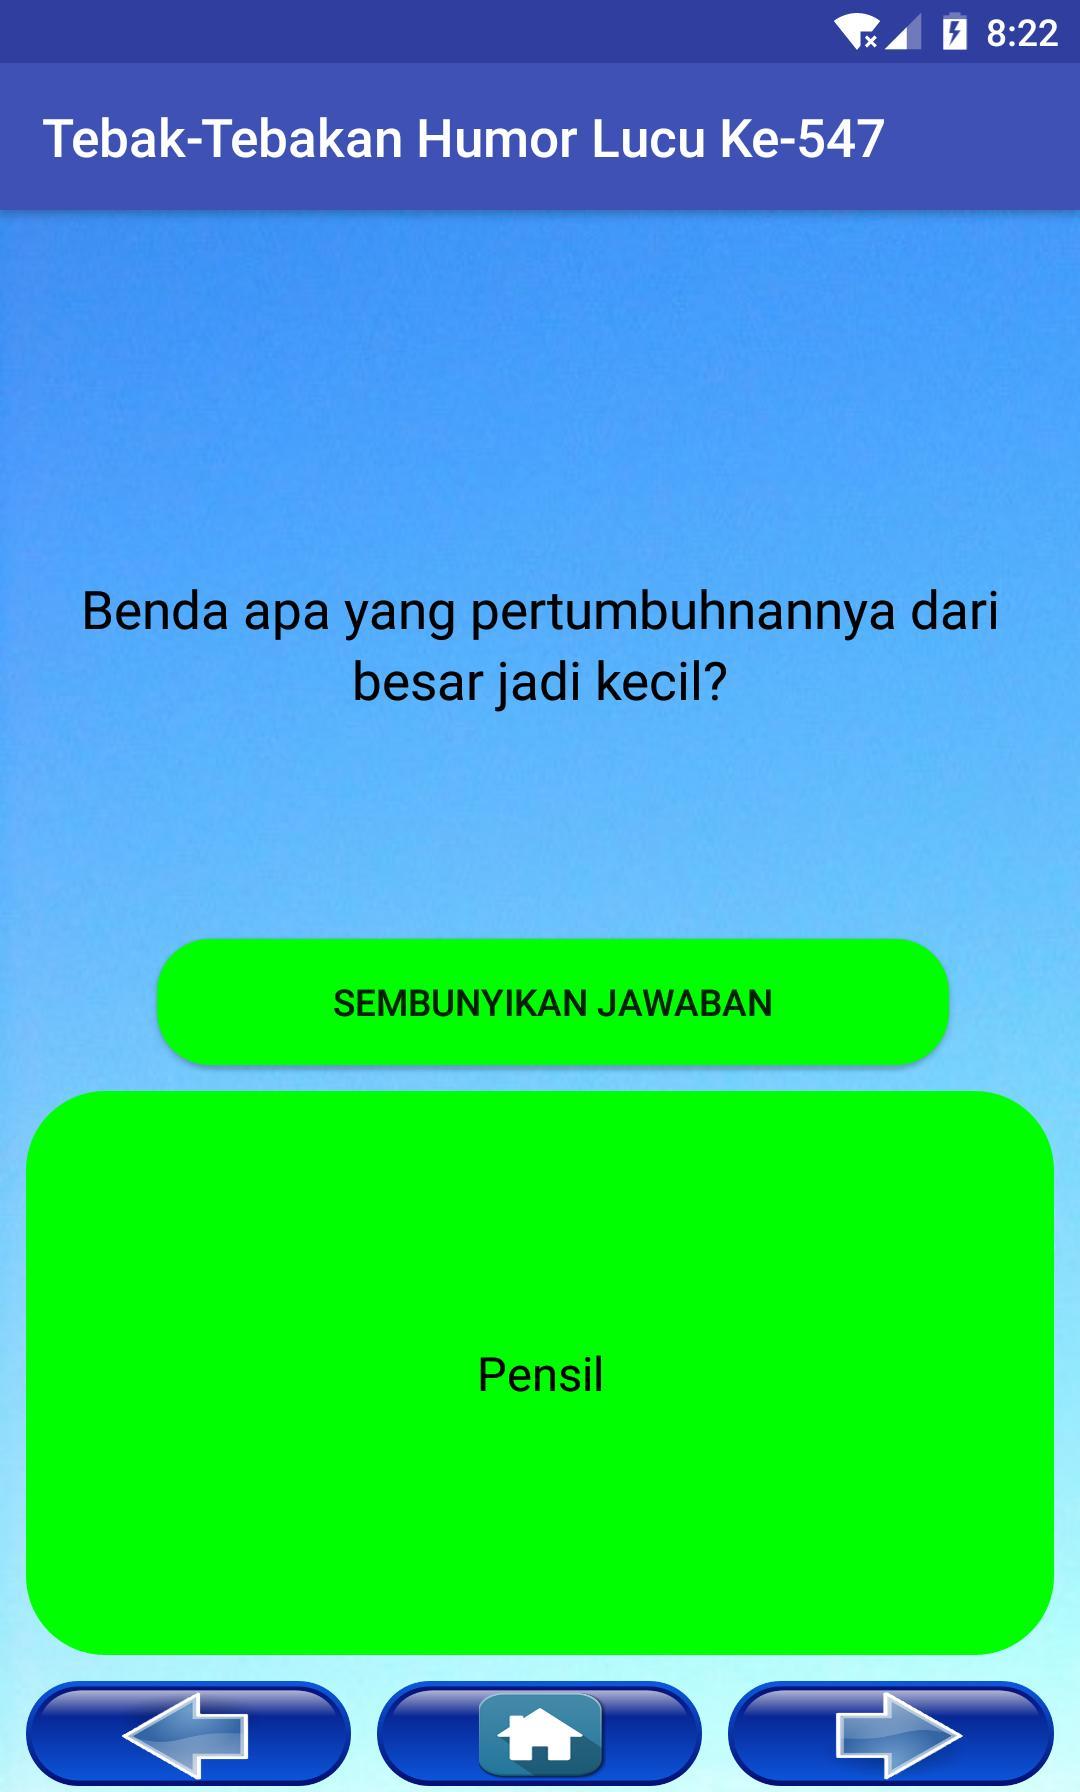 1500 Tebak Tebakan Humor Lucu For Android Apk Download